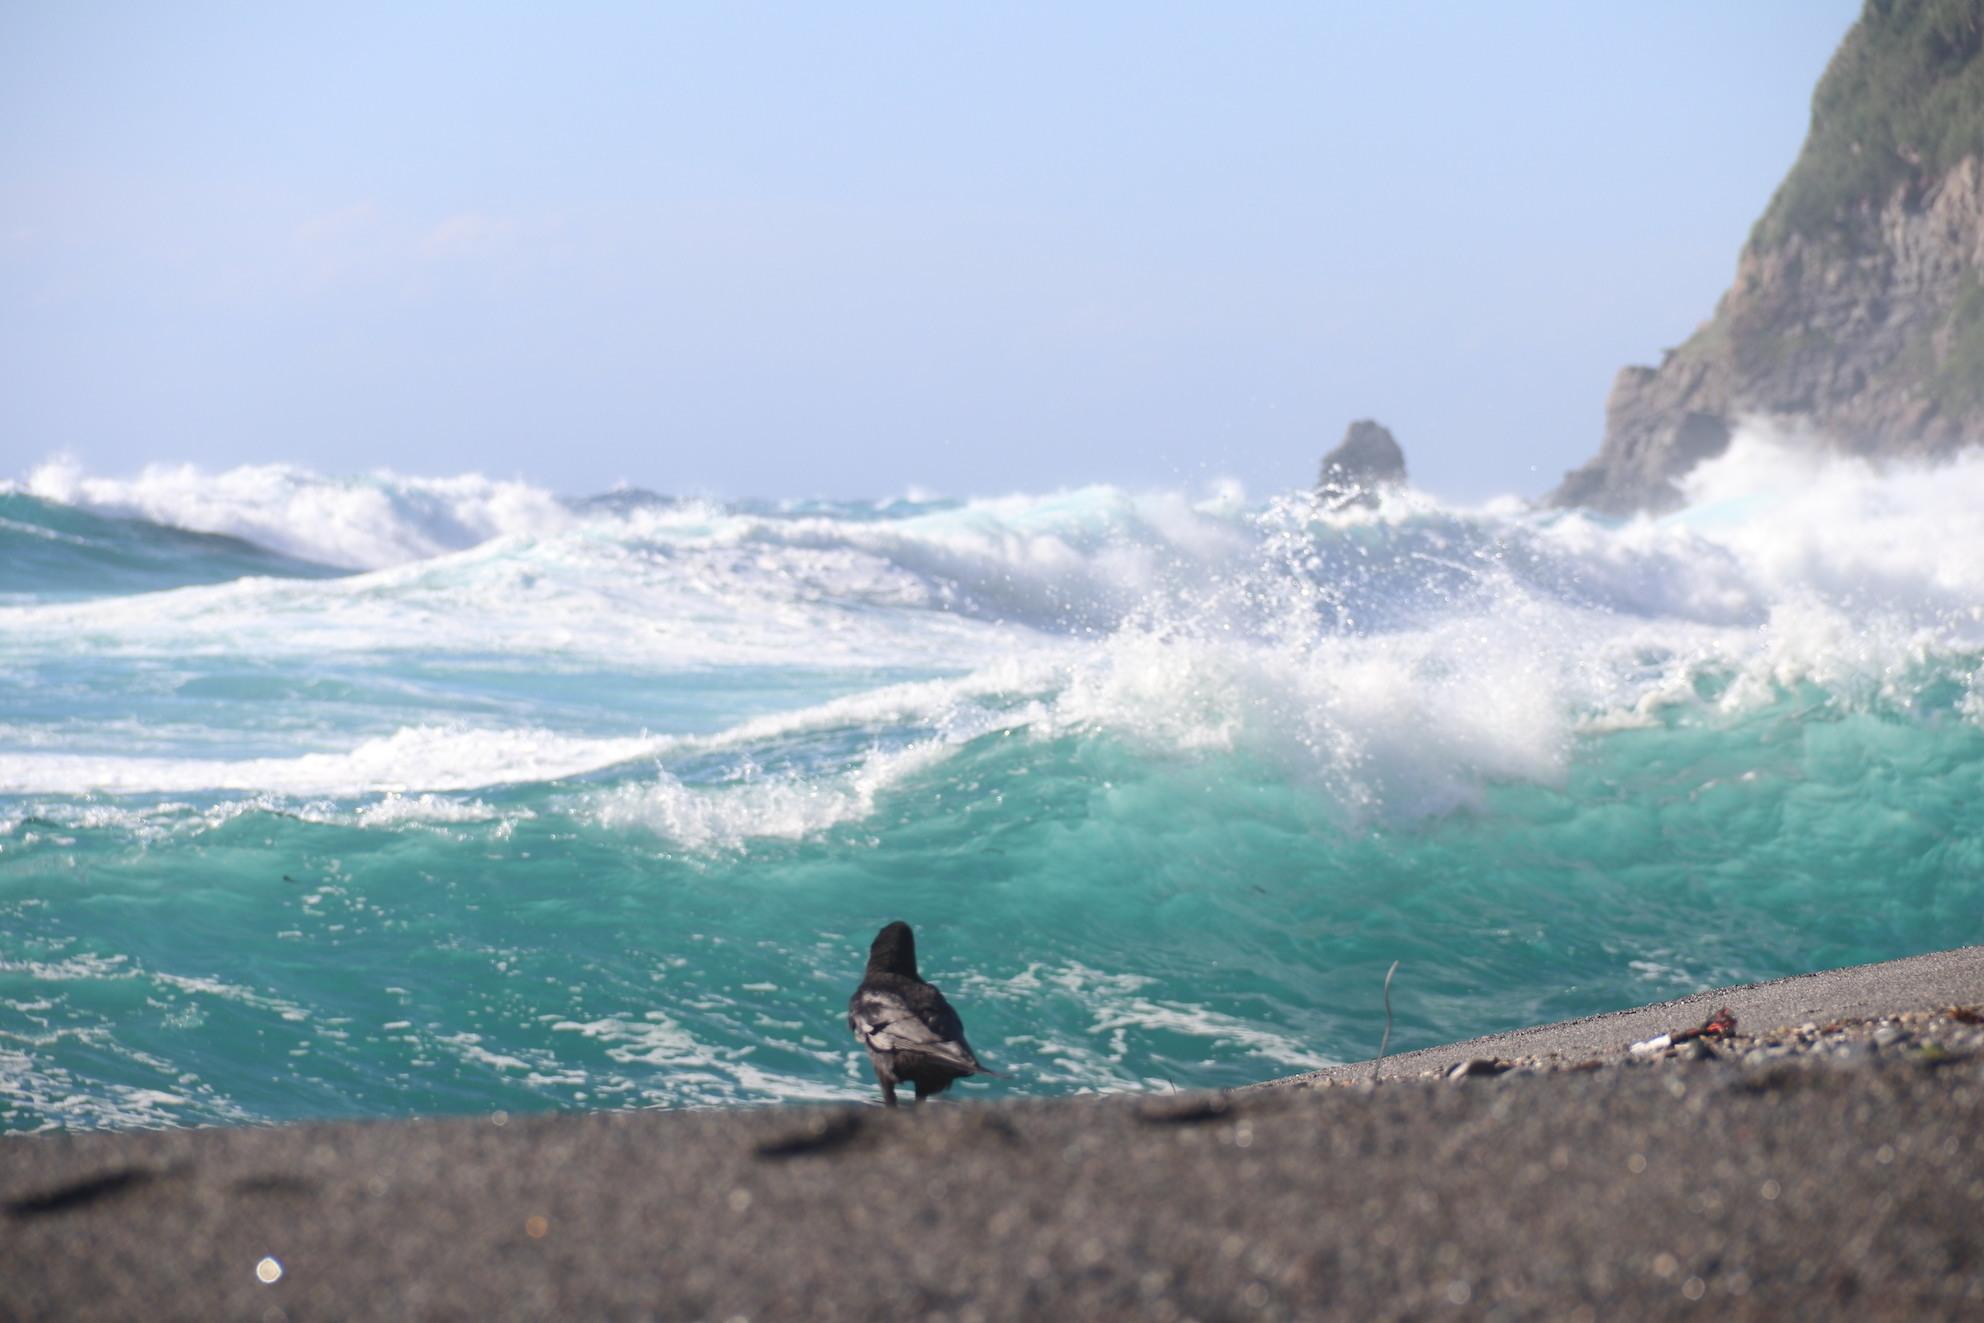 海に飛ぶ_e0023517_17173115.jpg